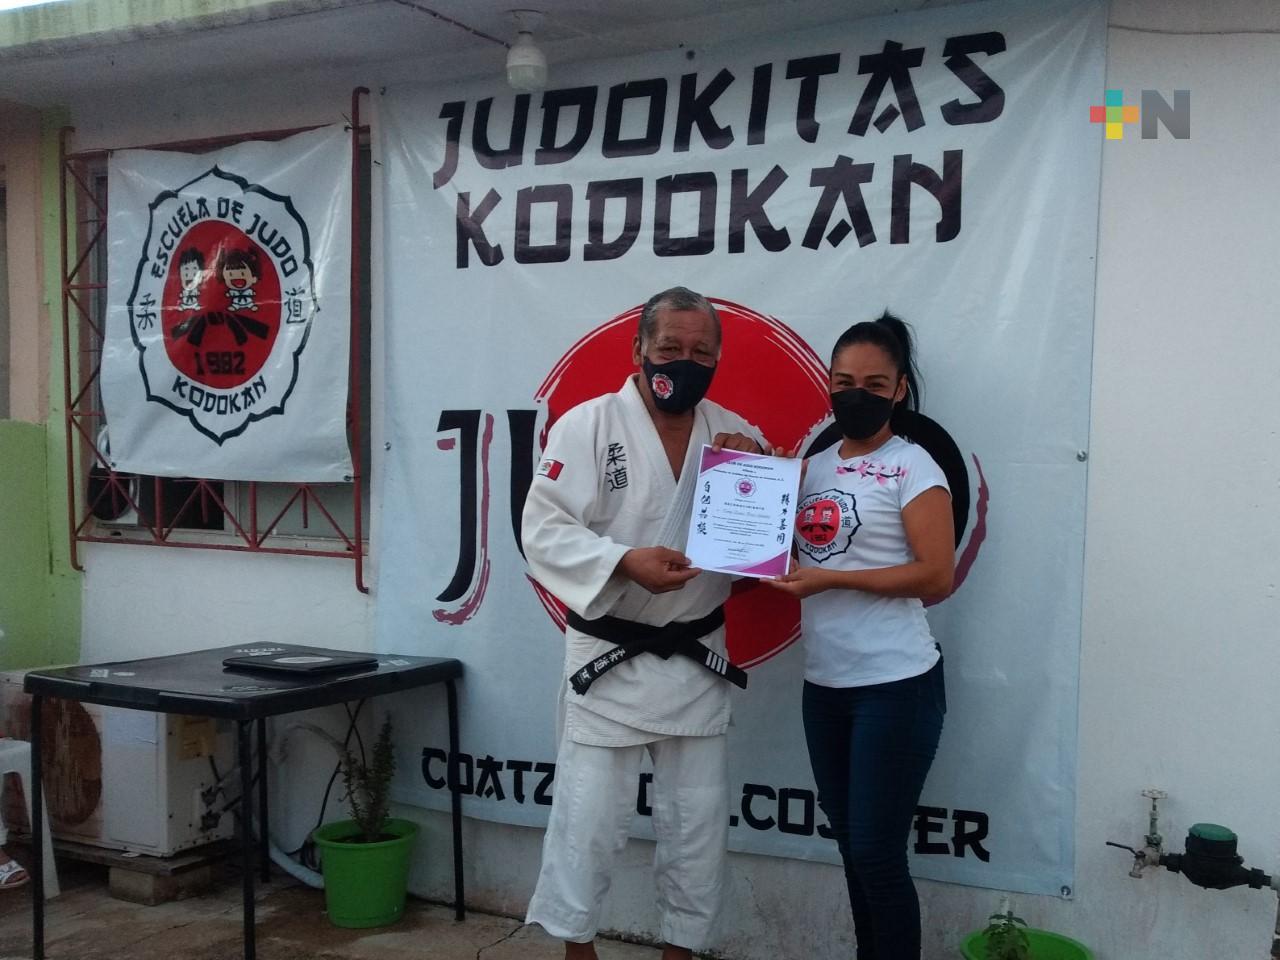 Judo Kudokan cumple 39 años de labor en sur de Veracruz